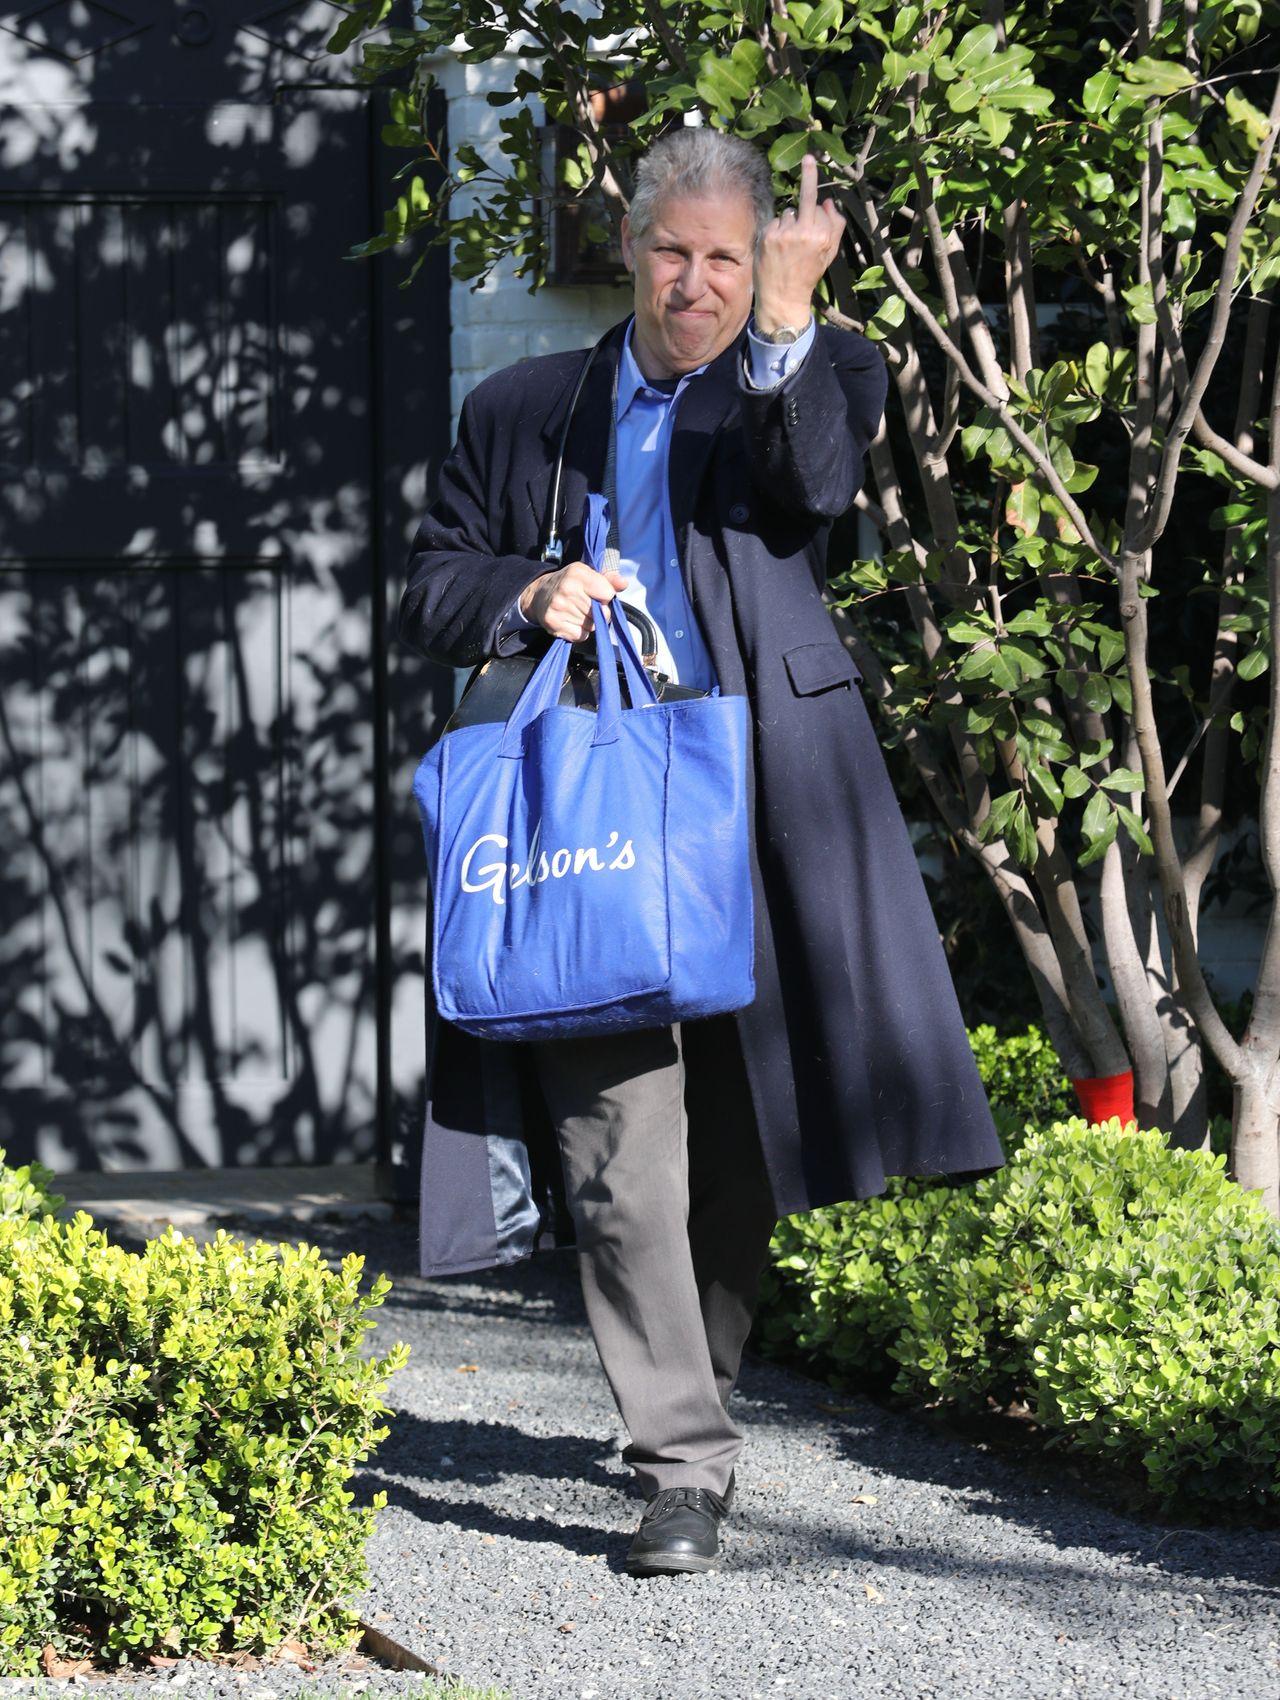 Lekarz przed domem Bena Afflecka pokazuje środkowy palec paparazzo